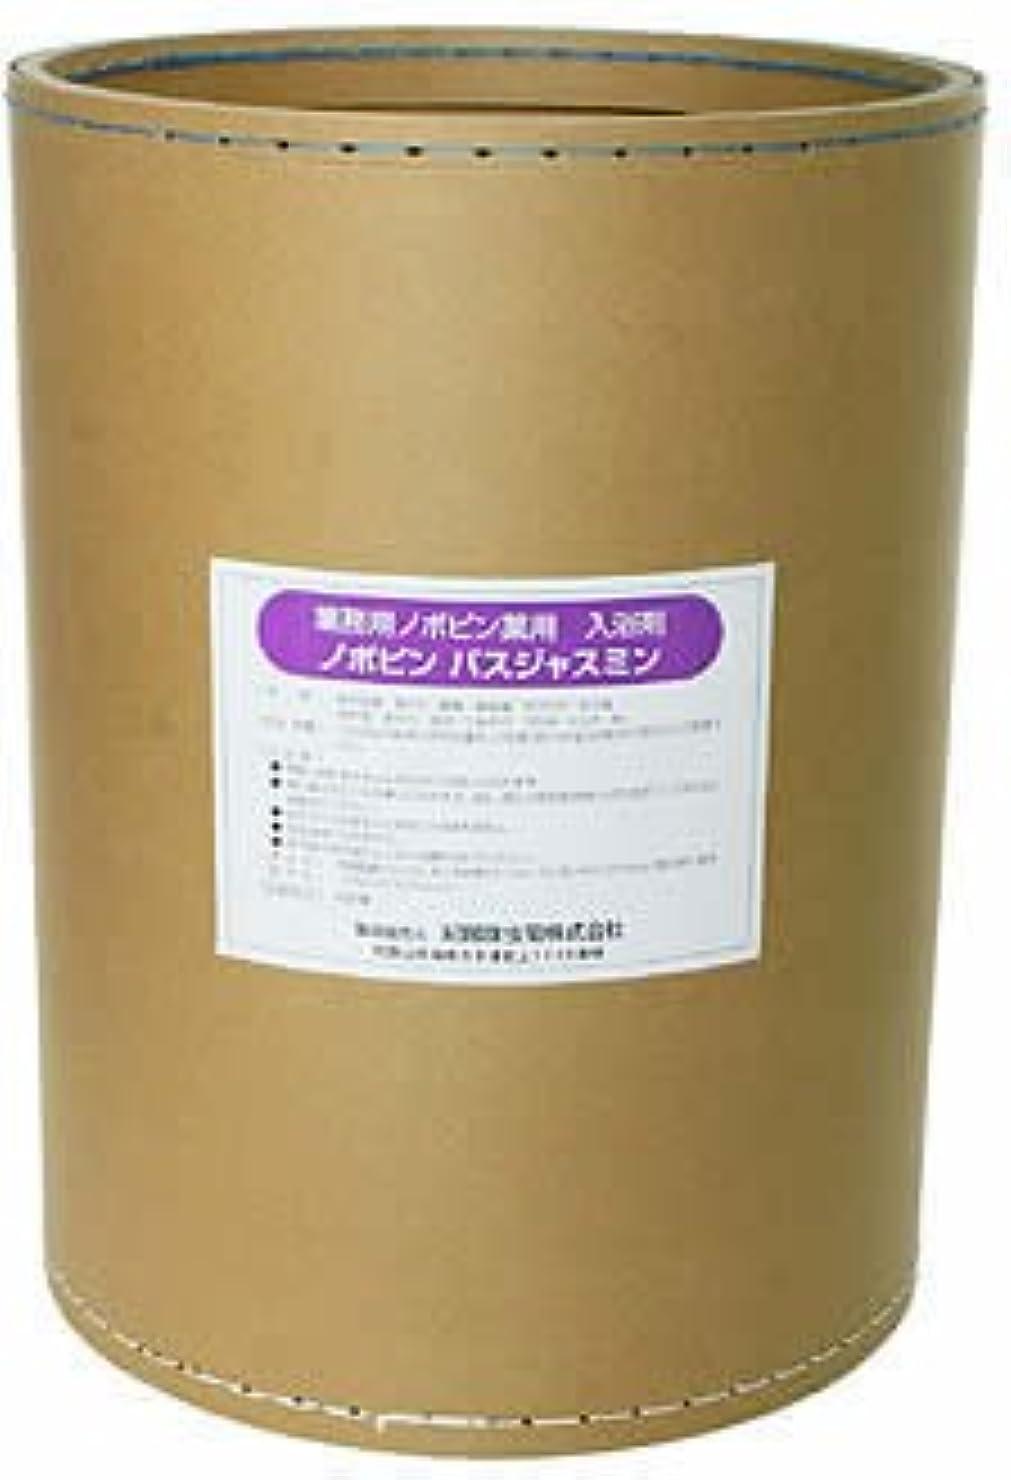 うねる弓インサート業務用入浴剤 ノボピン バスジャスミン 18kg